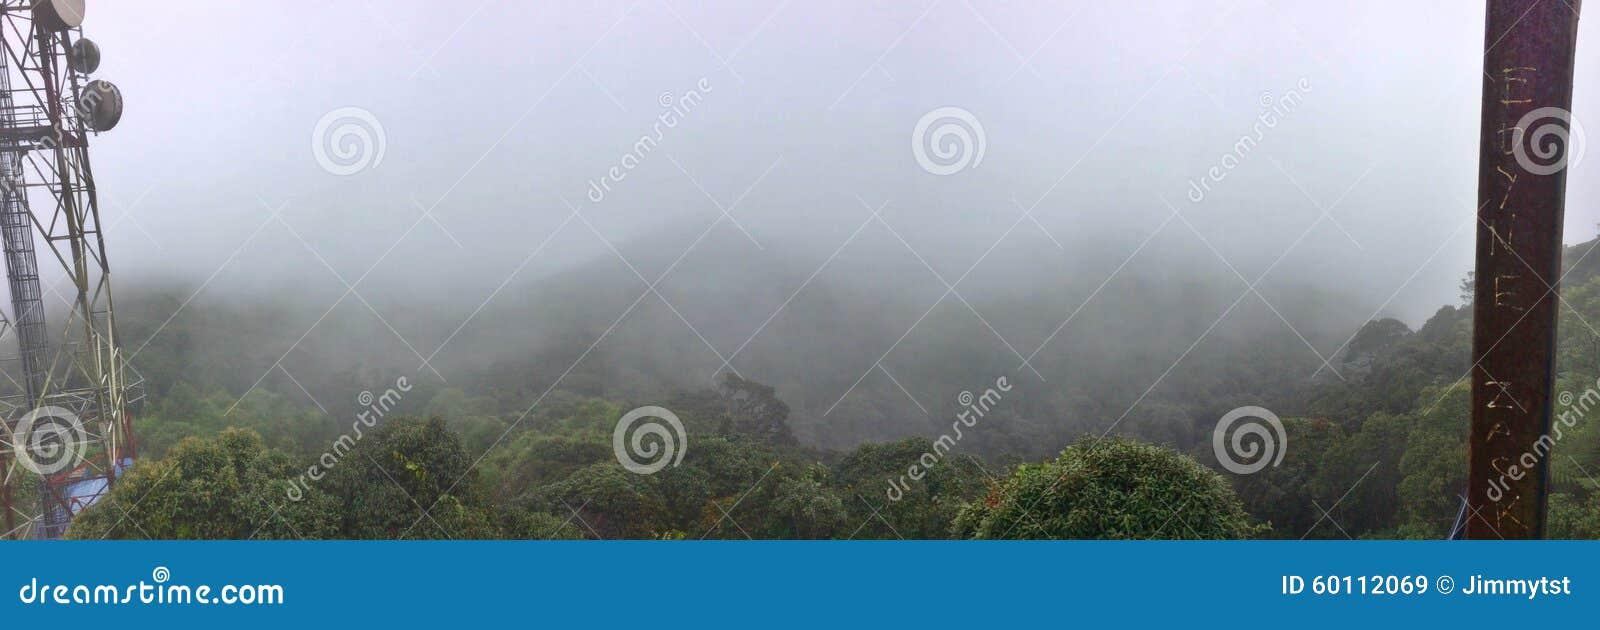 Vue de sommet - Gunung Brinchang